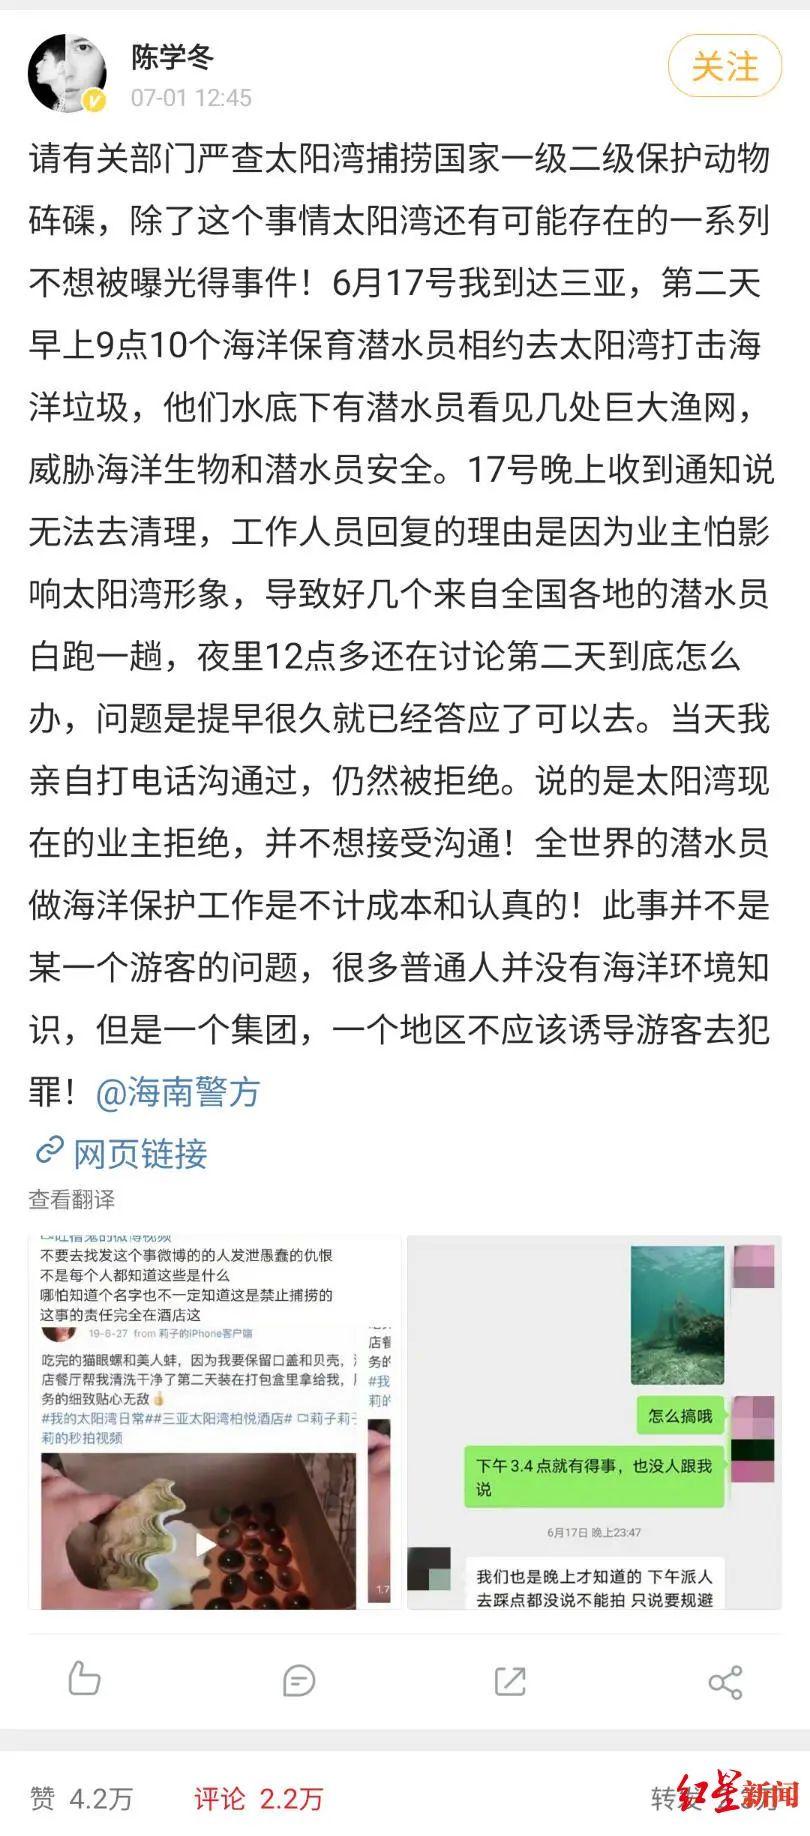 ▲演员陈学冬微博喊话。截图自微博